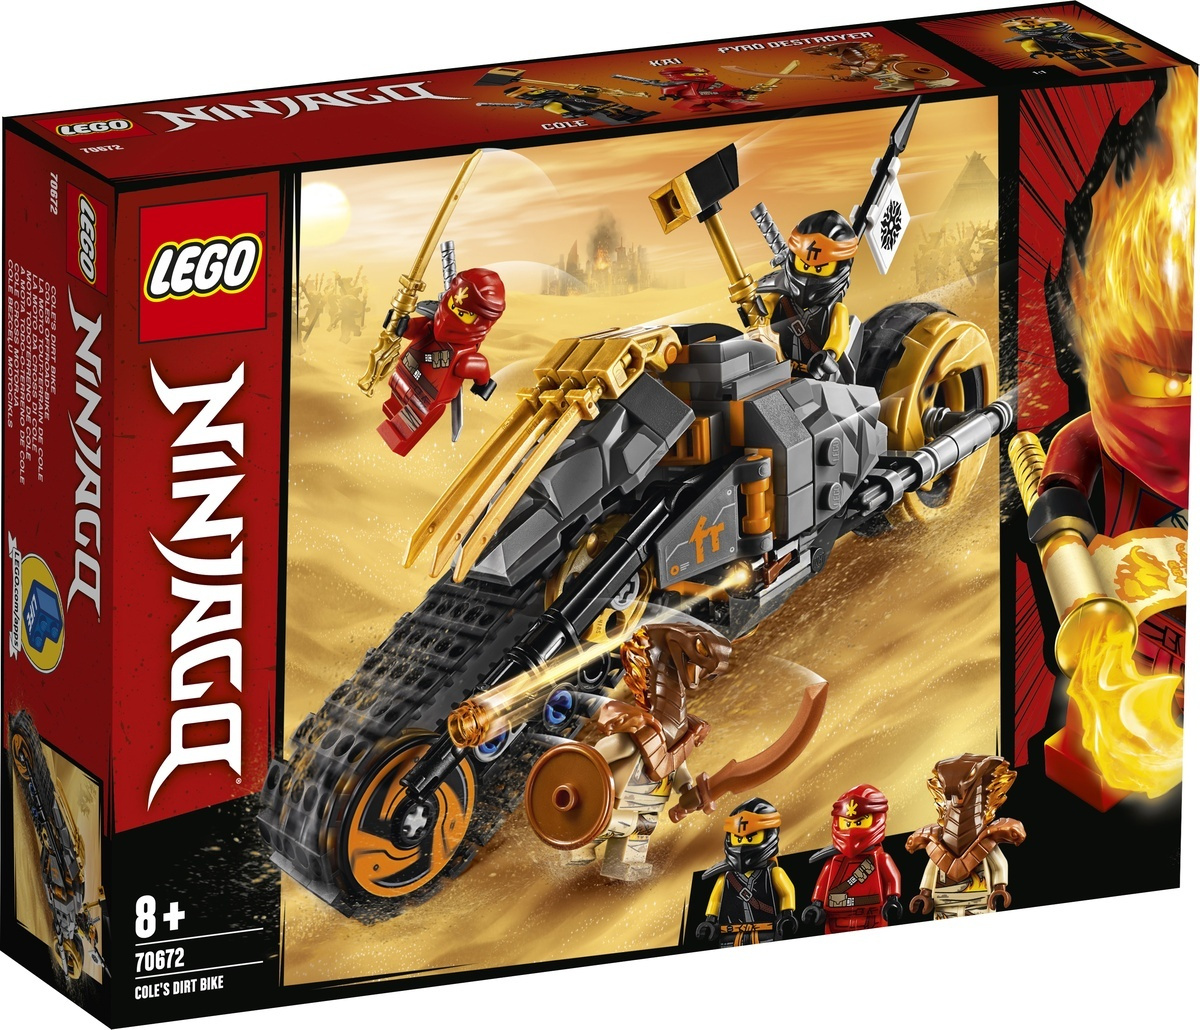 Конструктор LEGO NINJAGO 70672 Раллийный мотоцикл Коула #1